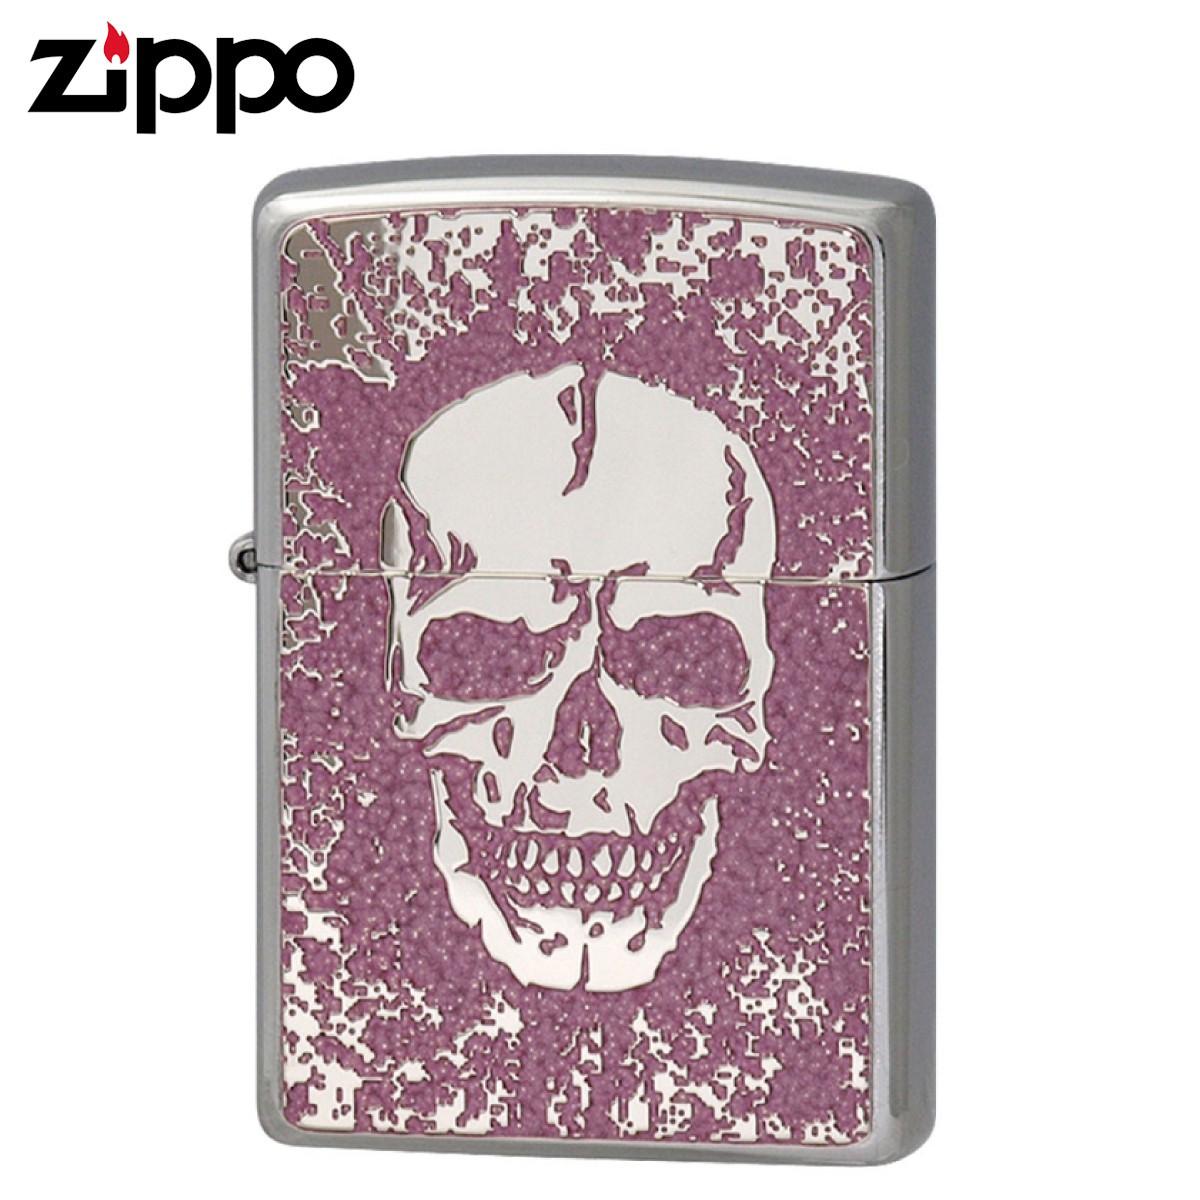 Zippo ジッポー Zippoライター ジッポライター オイルライター 200 フラットボトム メタルペイントプレート スカル 2MPP-Skull(PK) ギフト プレゼント 贈り物 返品不可 喫煙具